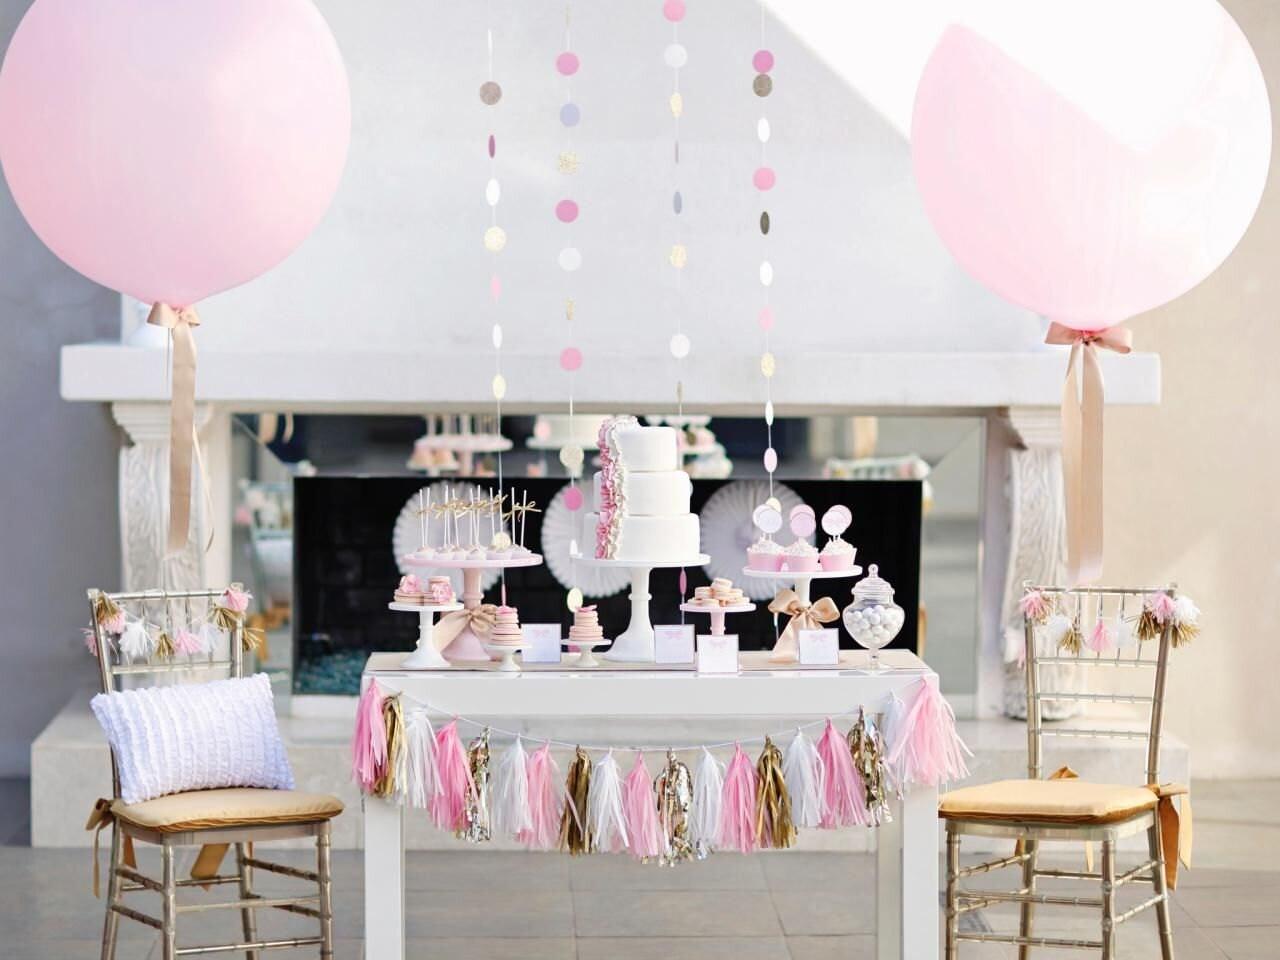 Balloons for wedding - Giant Balloon Giant 36 Balloon Round Balloons Giant Balloons Wedding Balloons